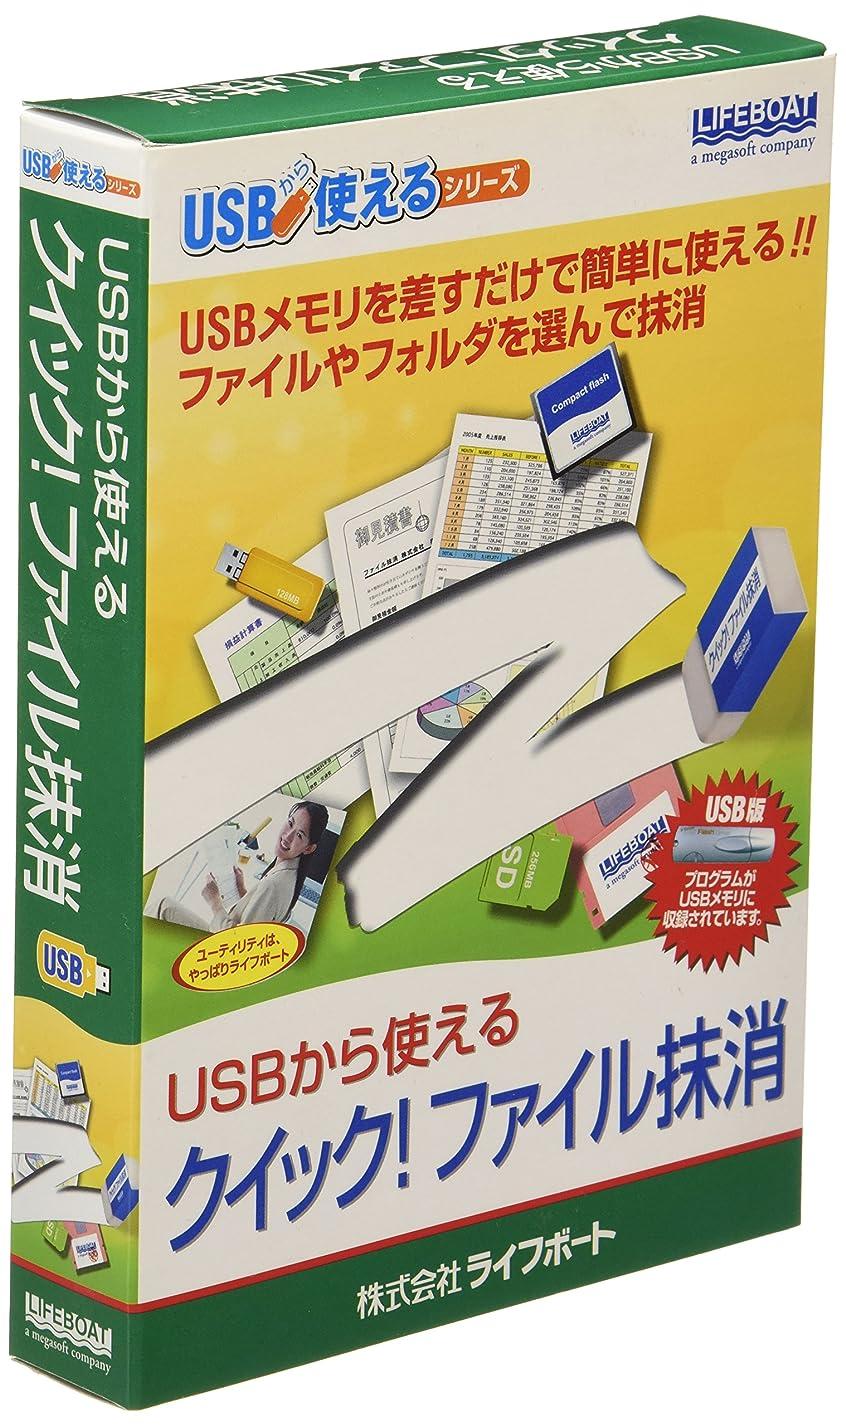 爪メンタリティ正義USBから使える クイック! ファイル抹消